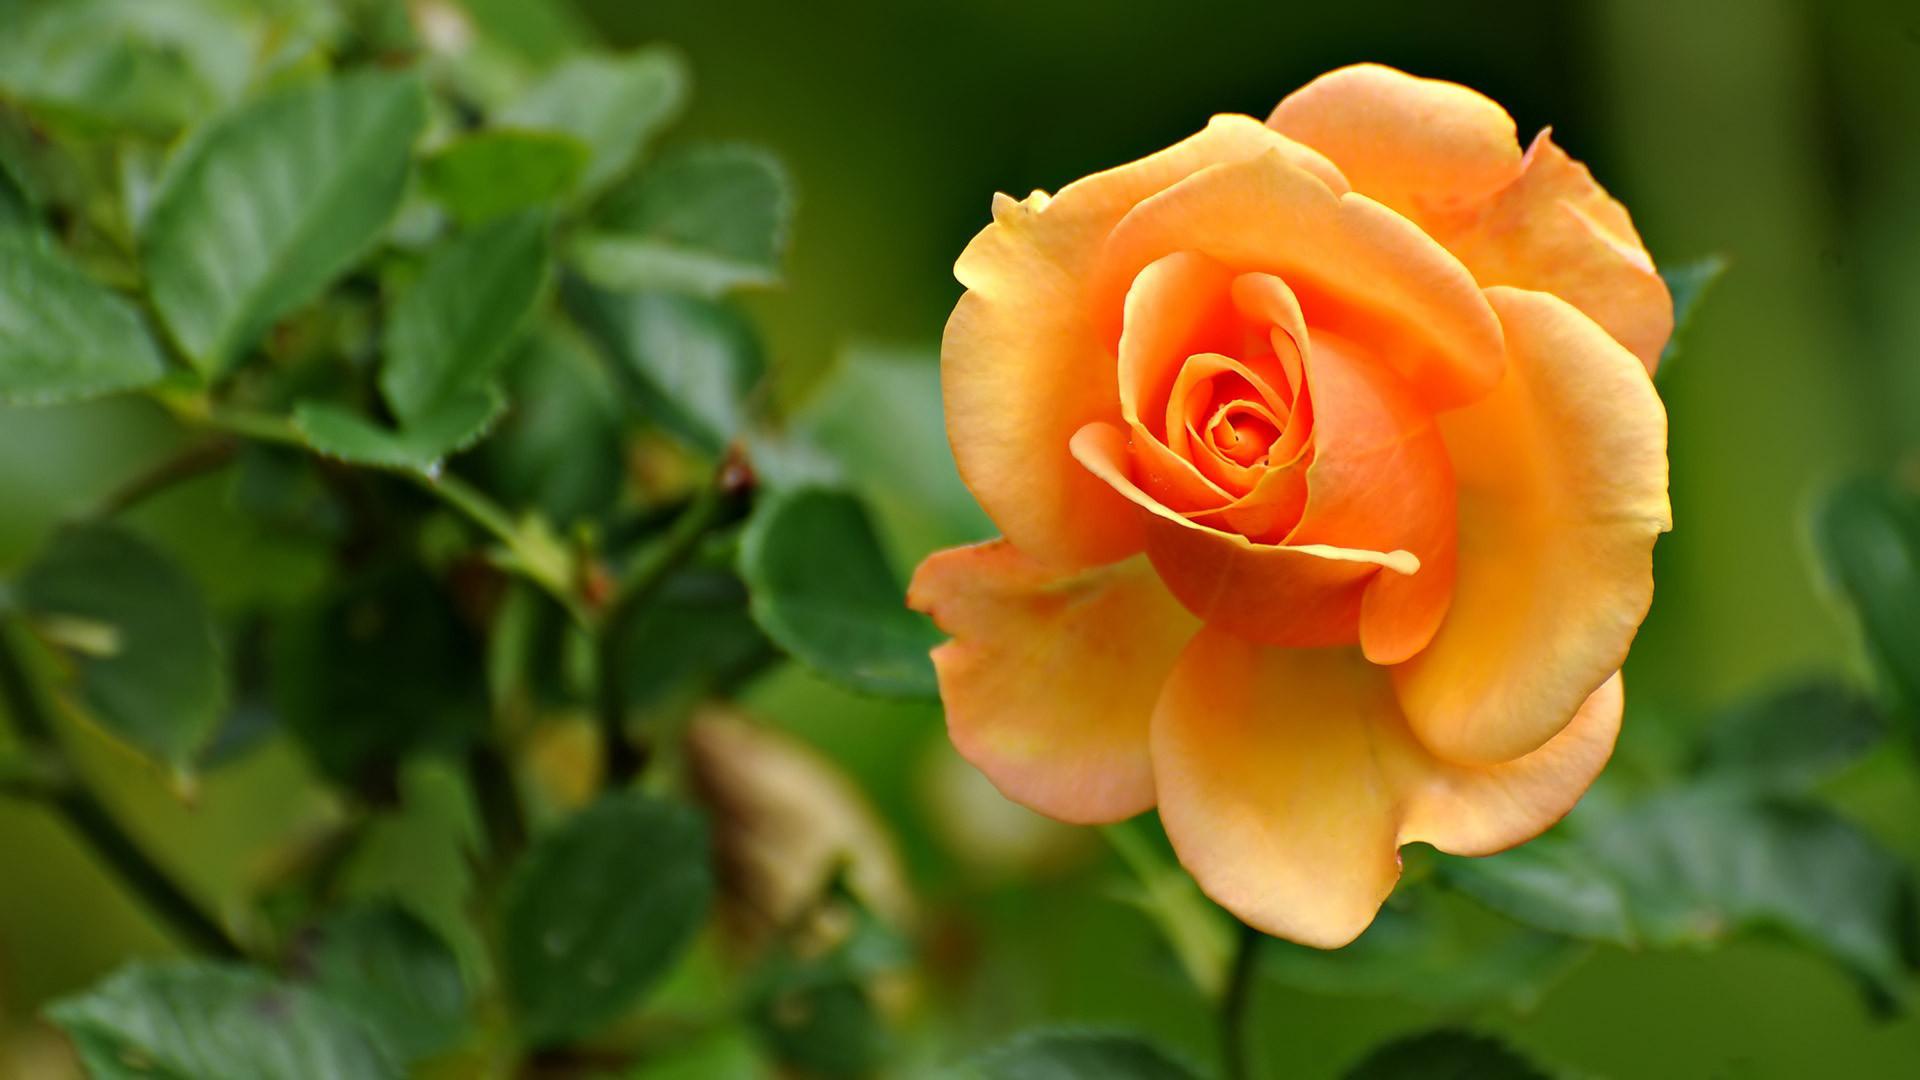 Розы на фото лучшие картинки красивых цветов роз - c